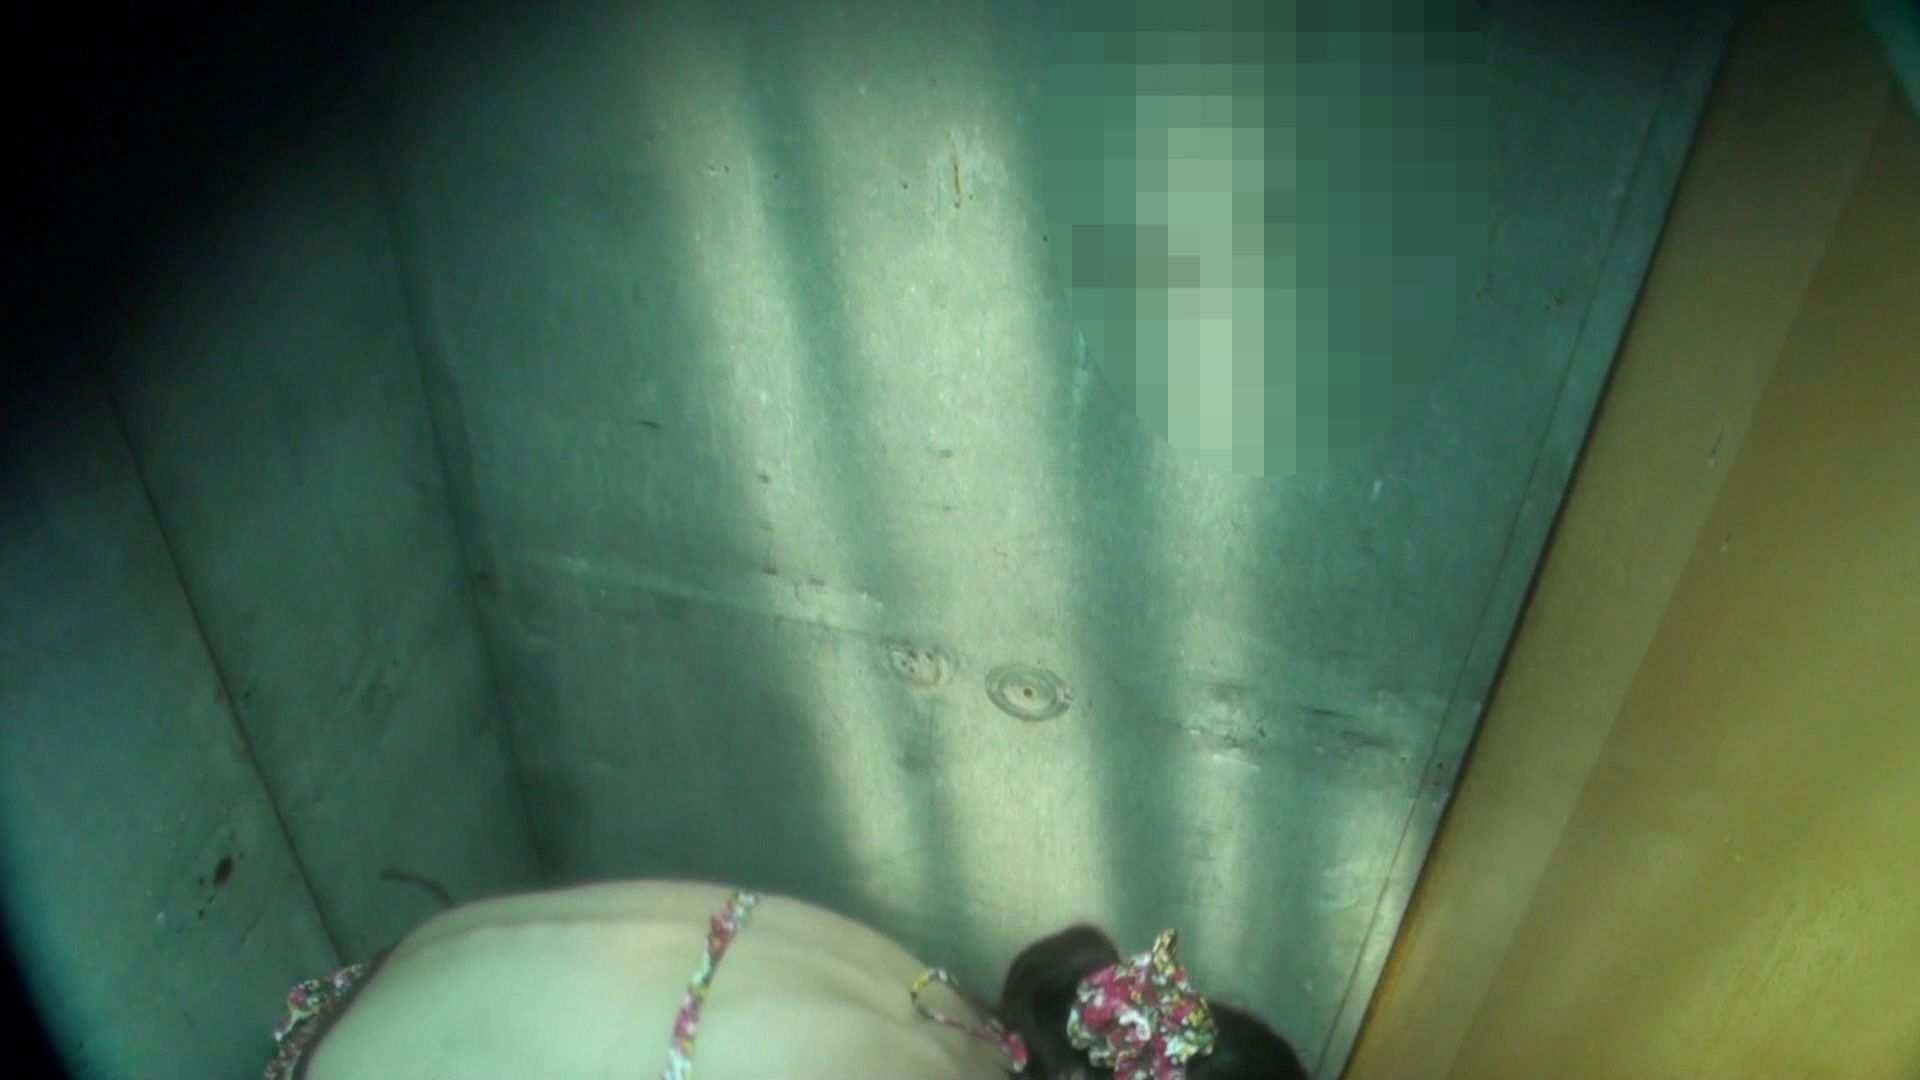 シャワールームは超!!危険な香りVol.16 意外に乳首は年増のそれ 乳首ポロリ | OLセックス  108画像 9